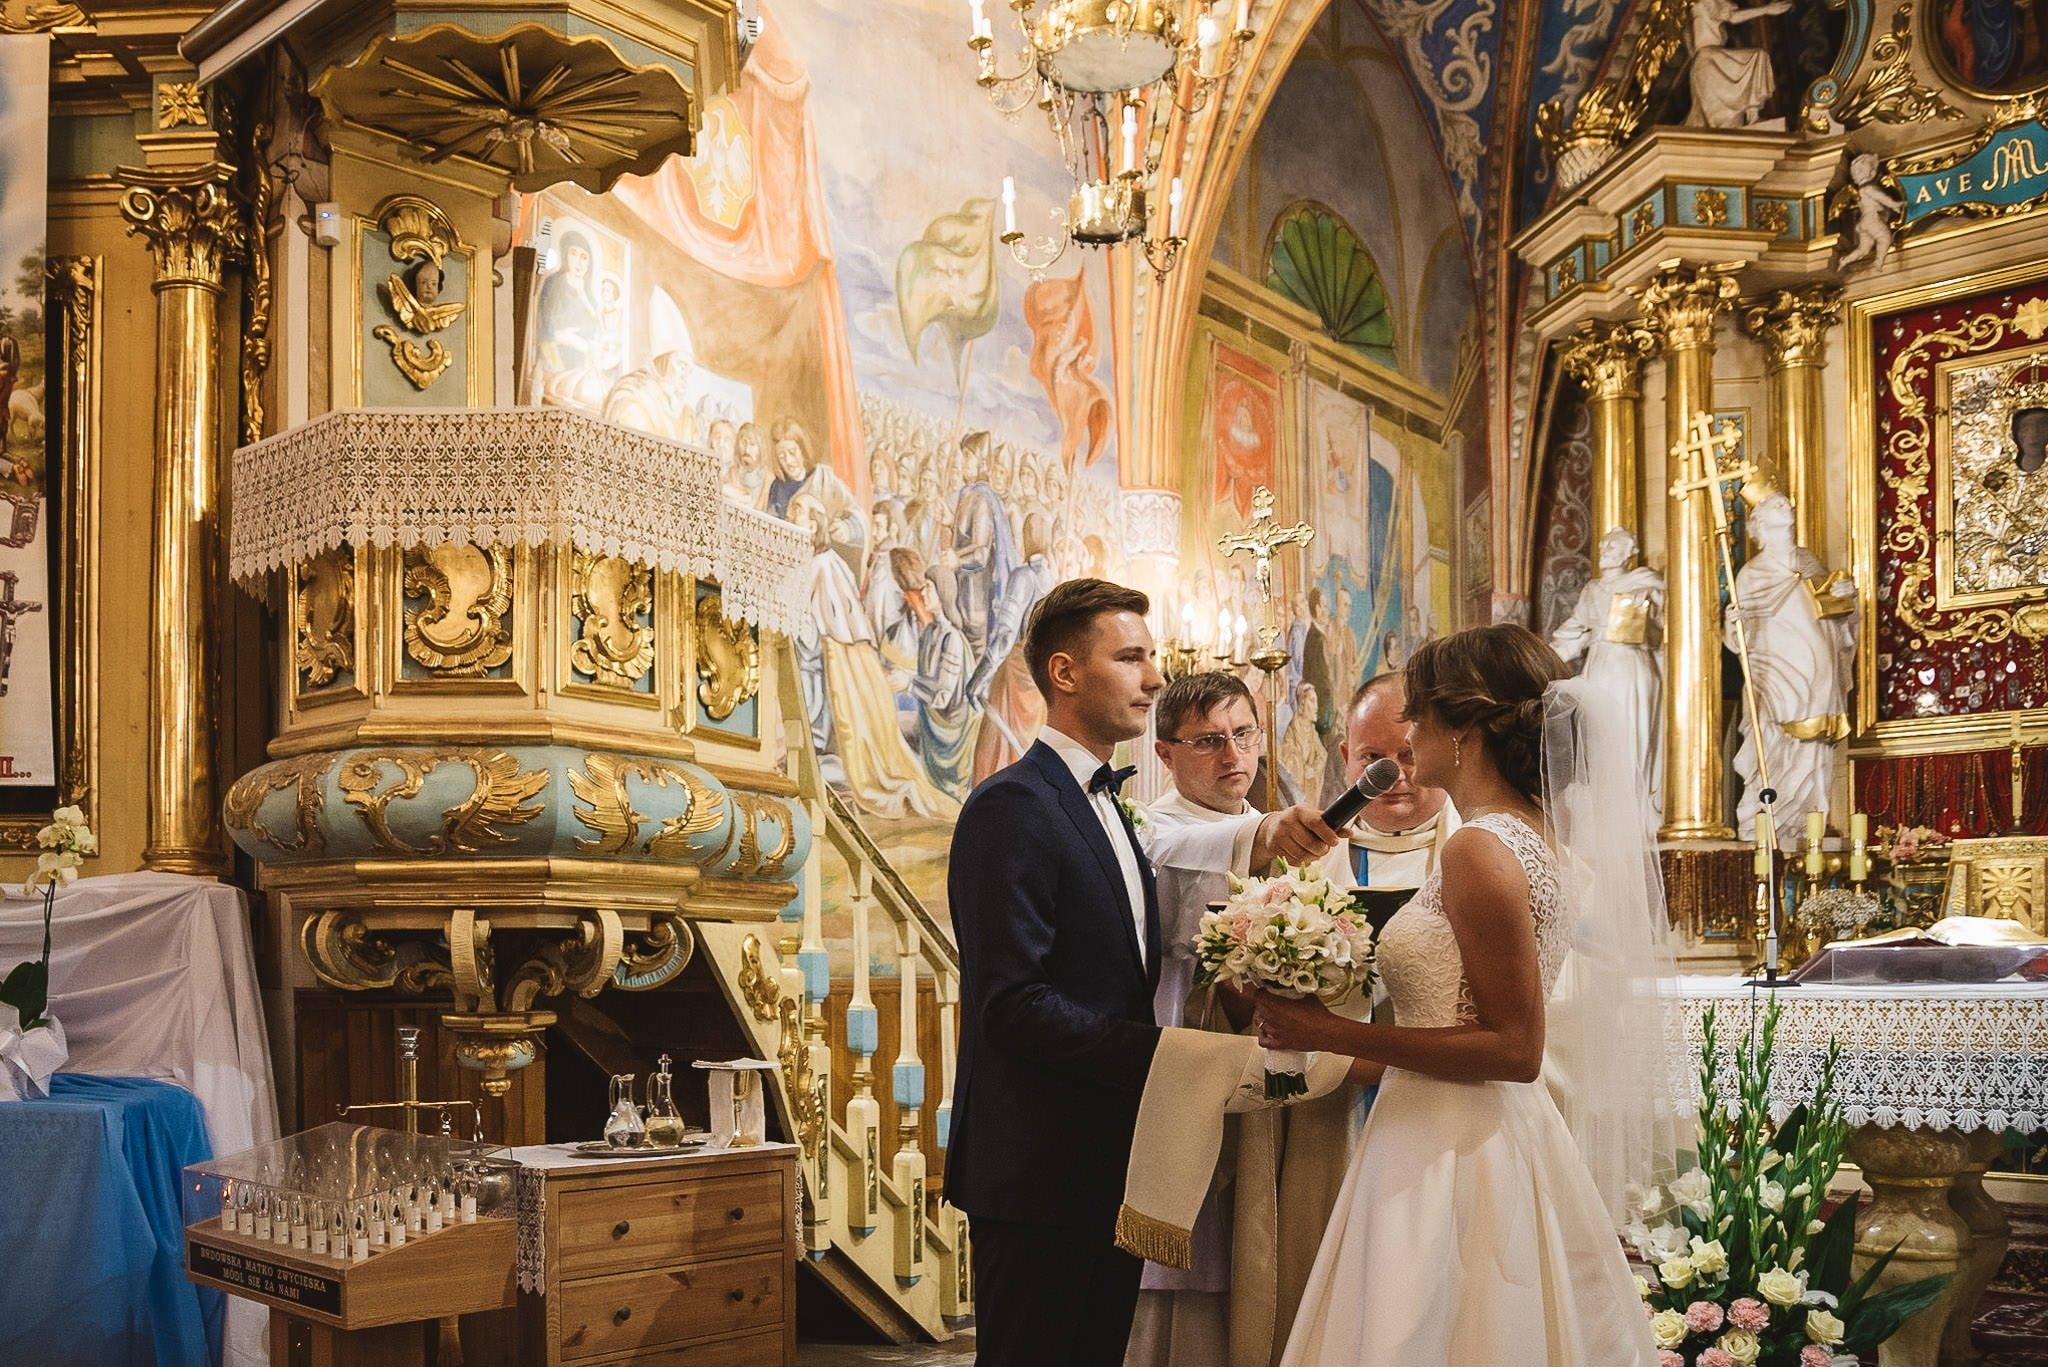 Monika i Michał, wesele w Paryżu i sesja plenerowa w stadninie koni w Czołowie 120